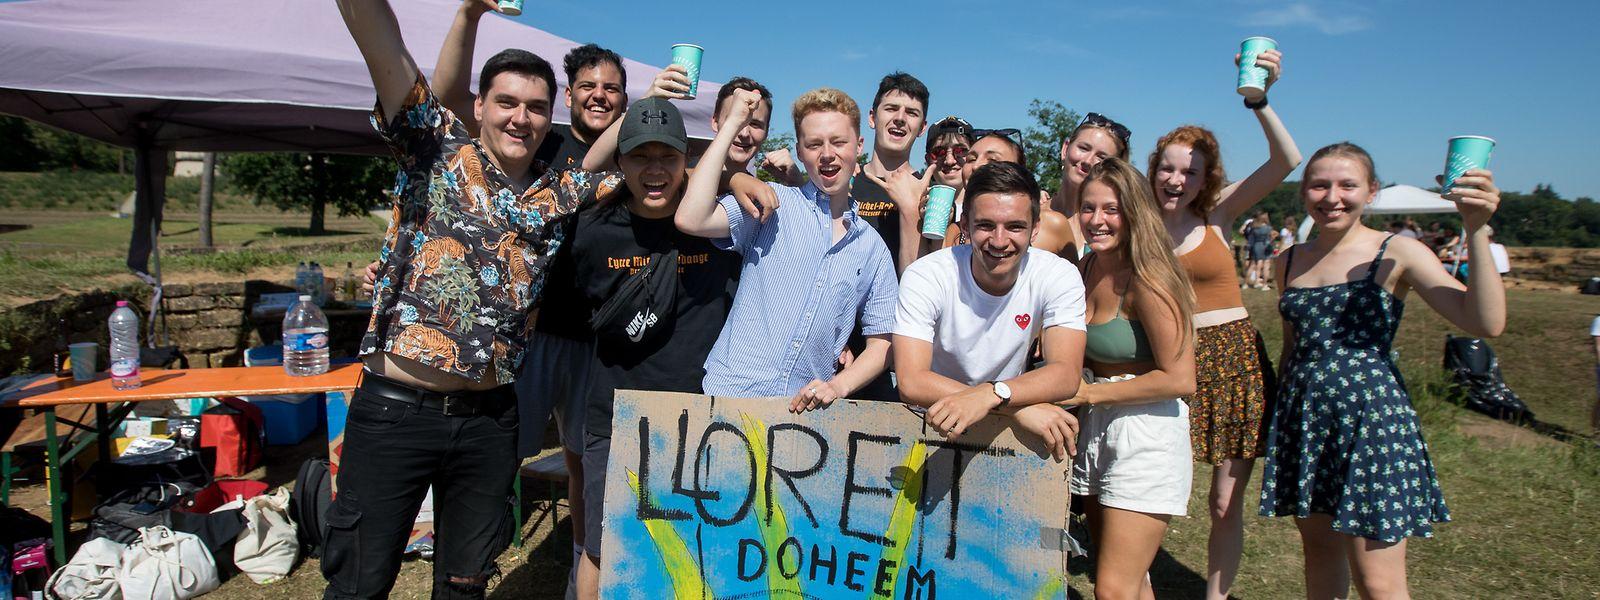 """Unter dem Motto """"Lloret Doheem"""" haben die Jugendlichen gefeiert."""